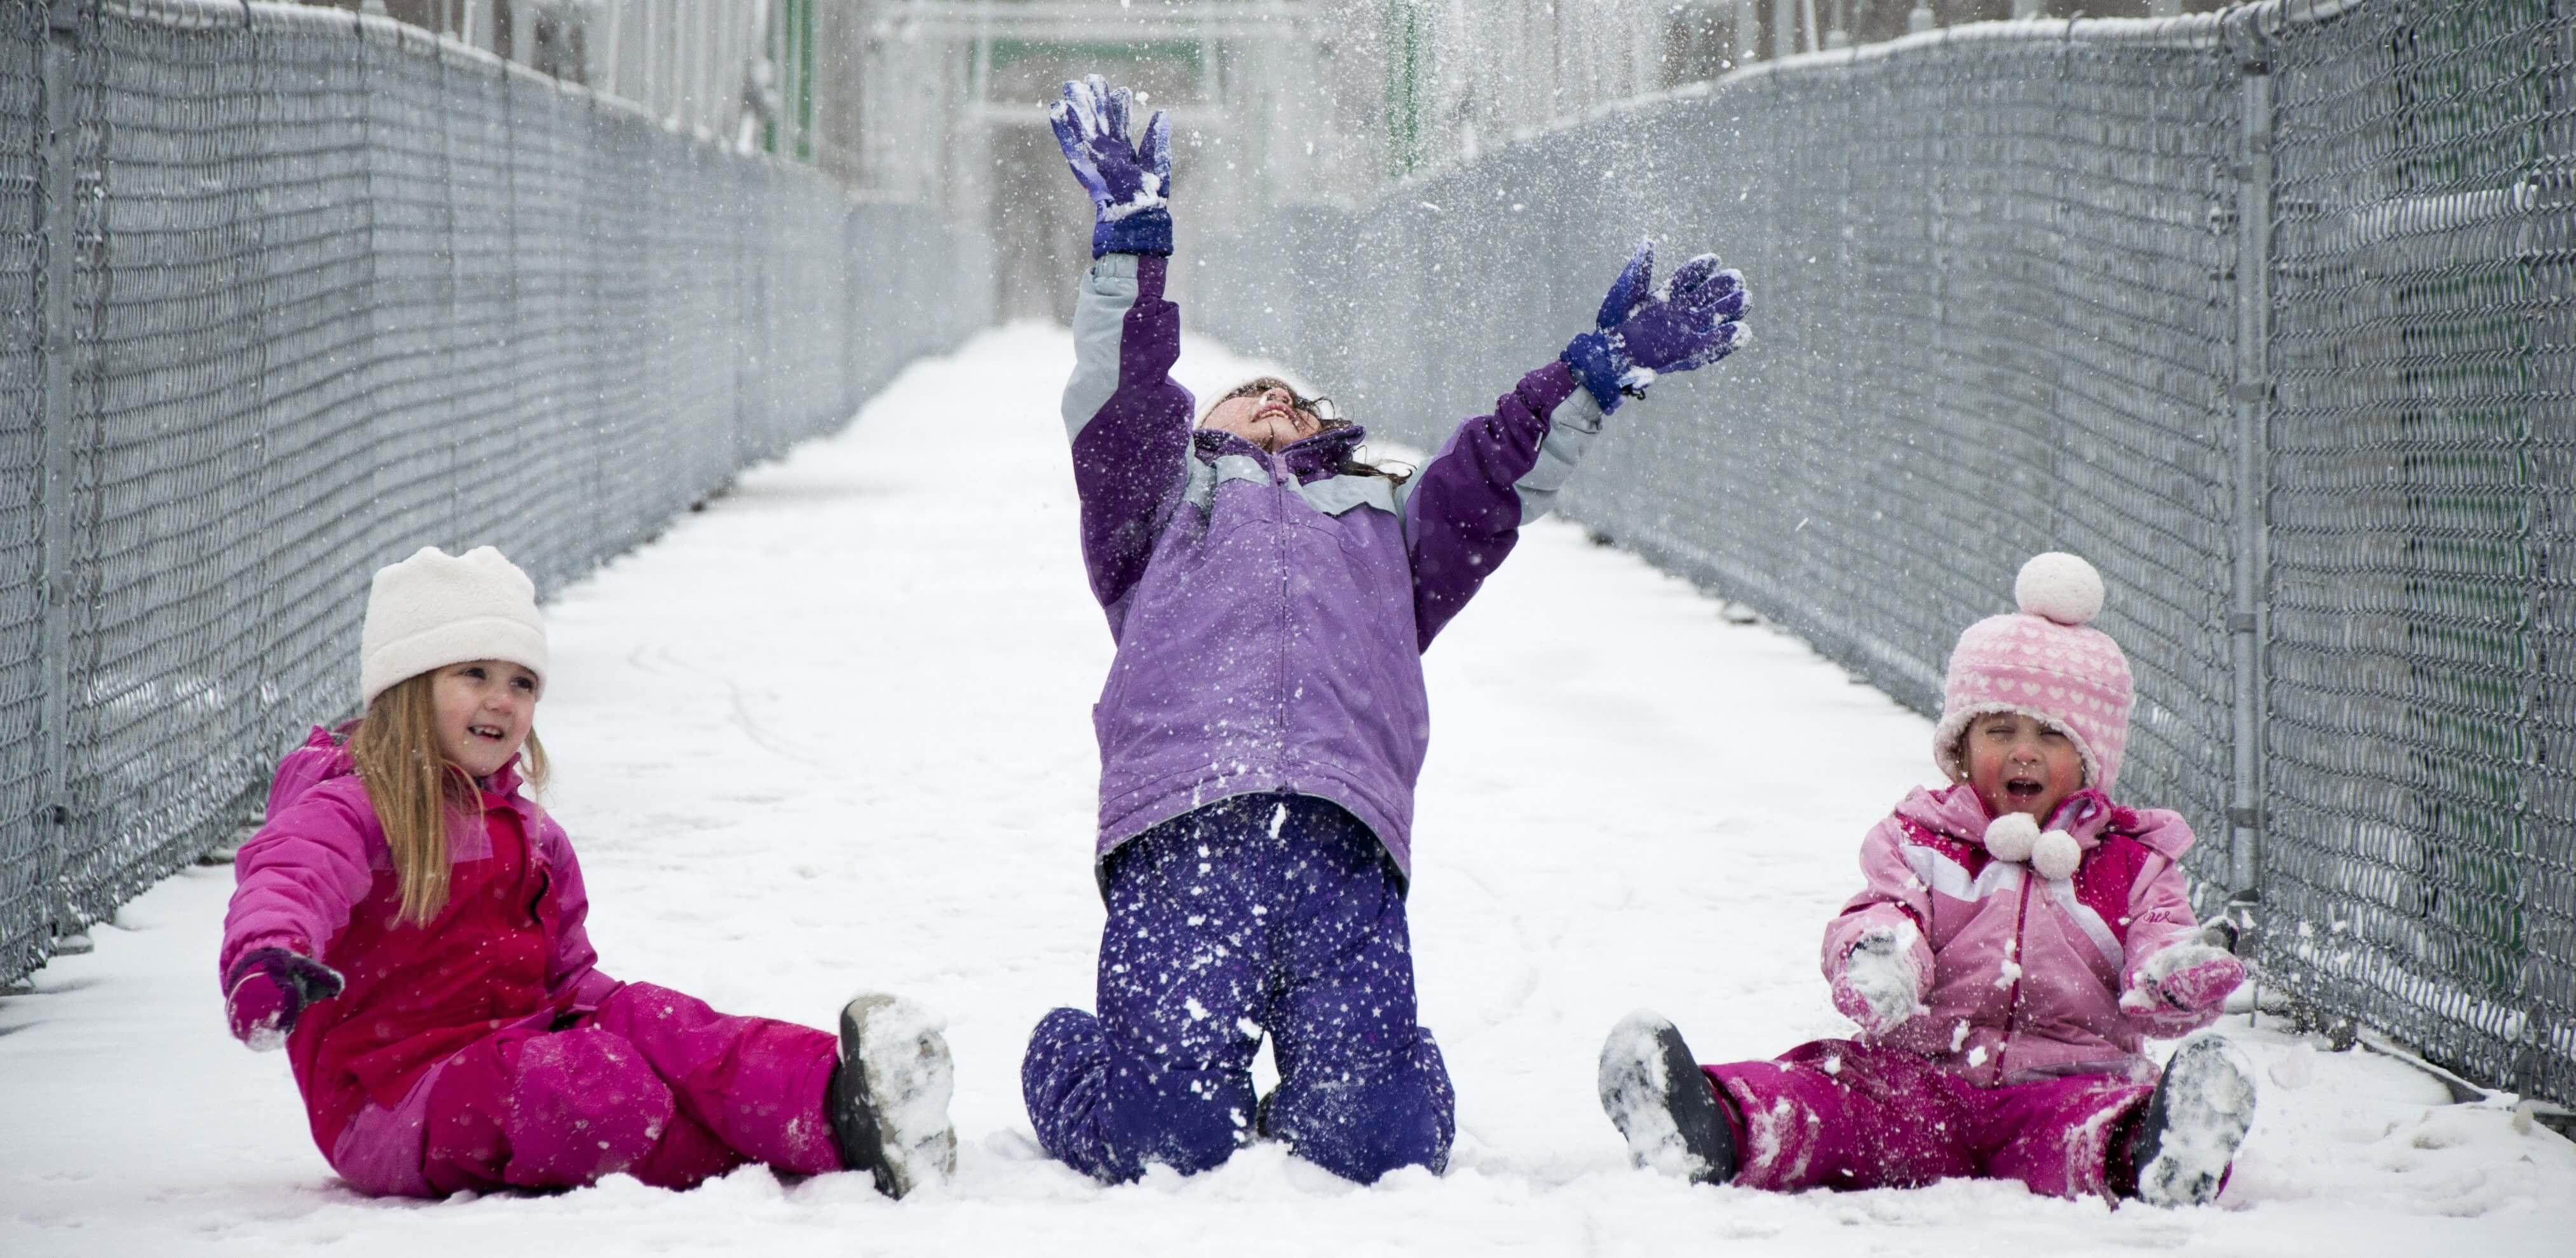 Funktionelle Winterbekleidung für Kinder